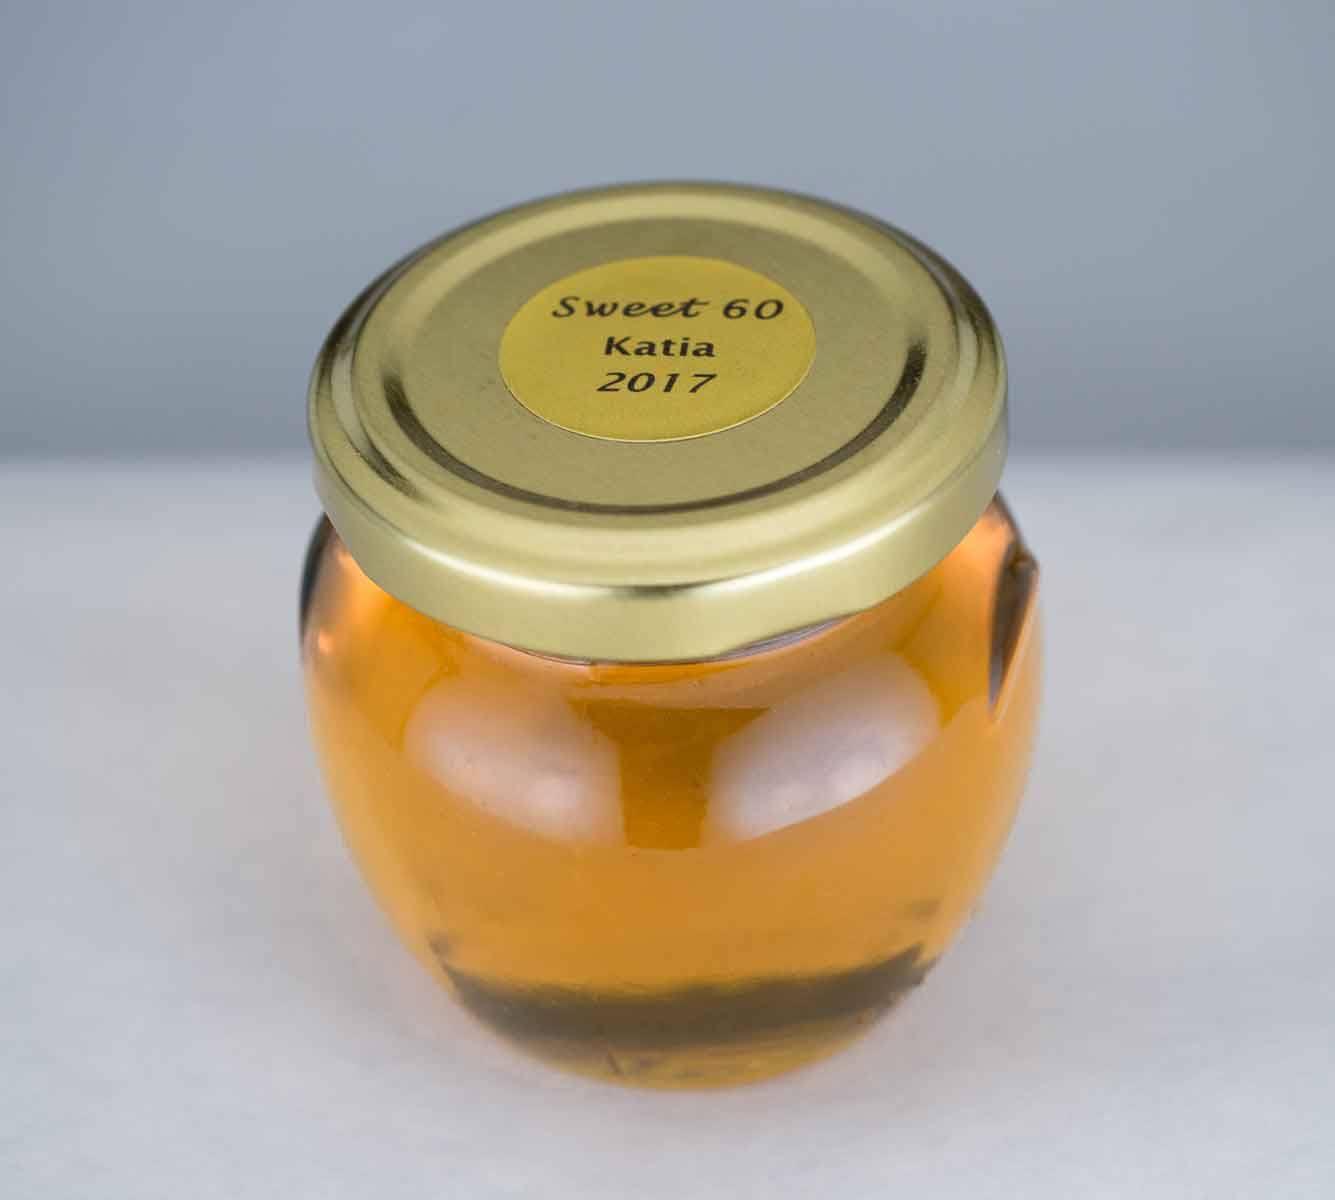 A 4oz. Honey Pot honey favor with custom round label